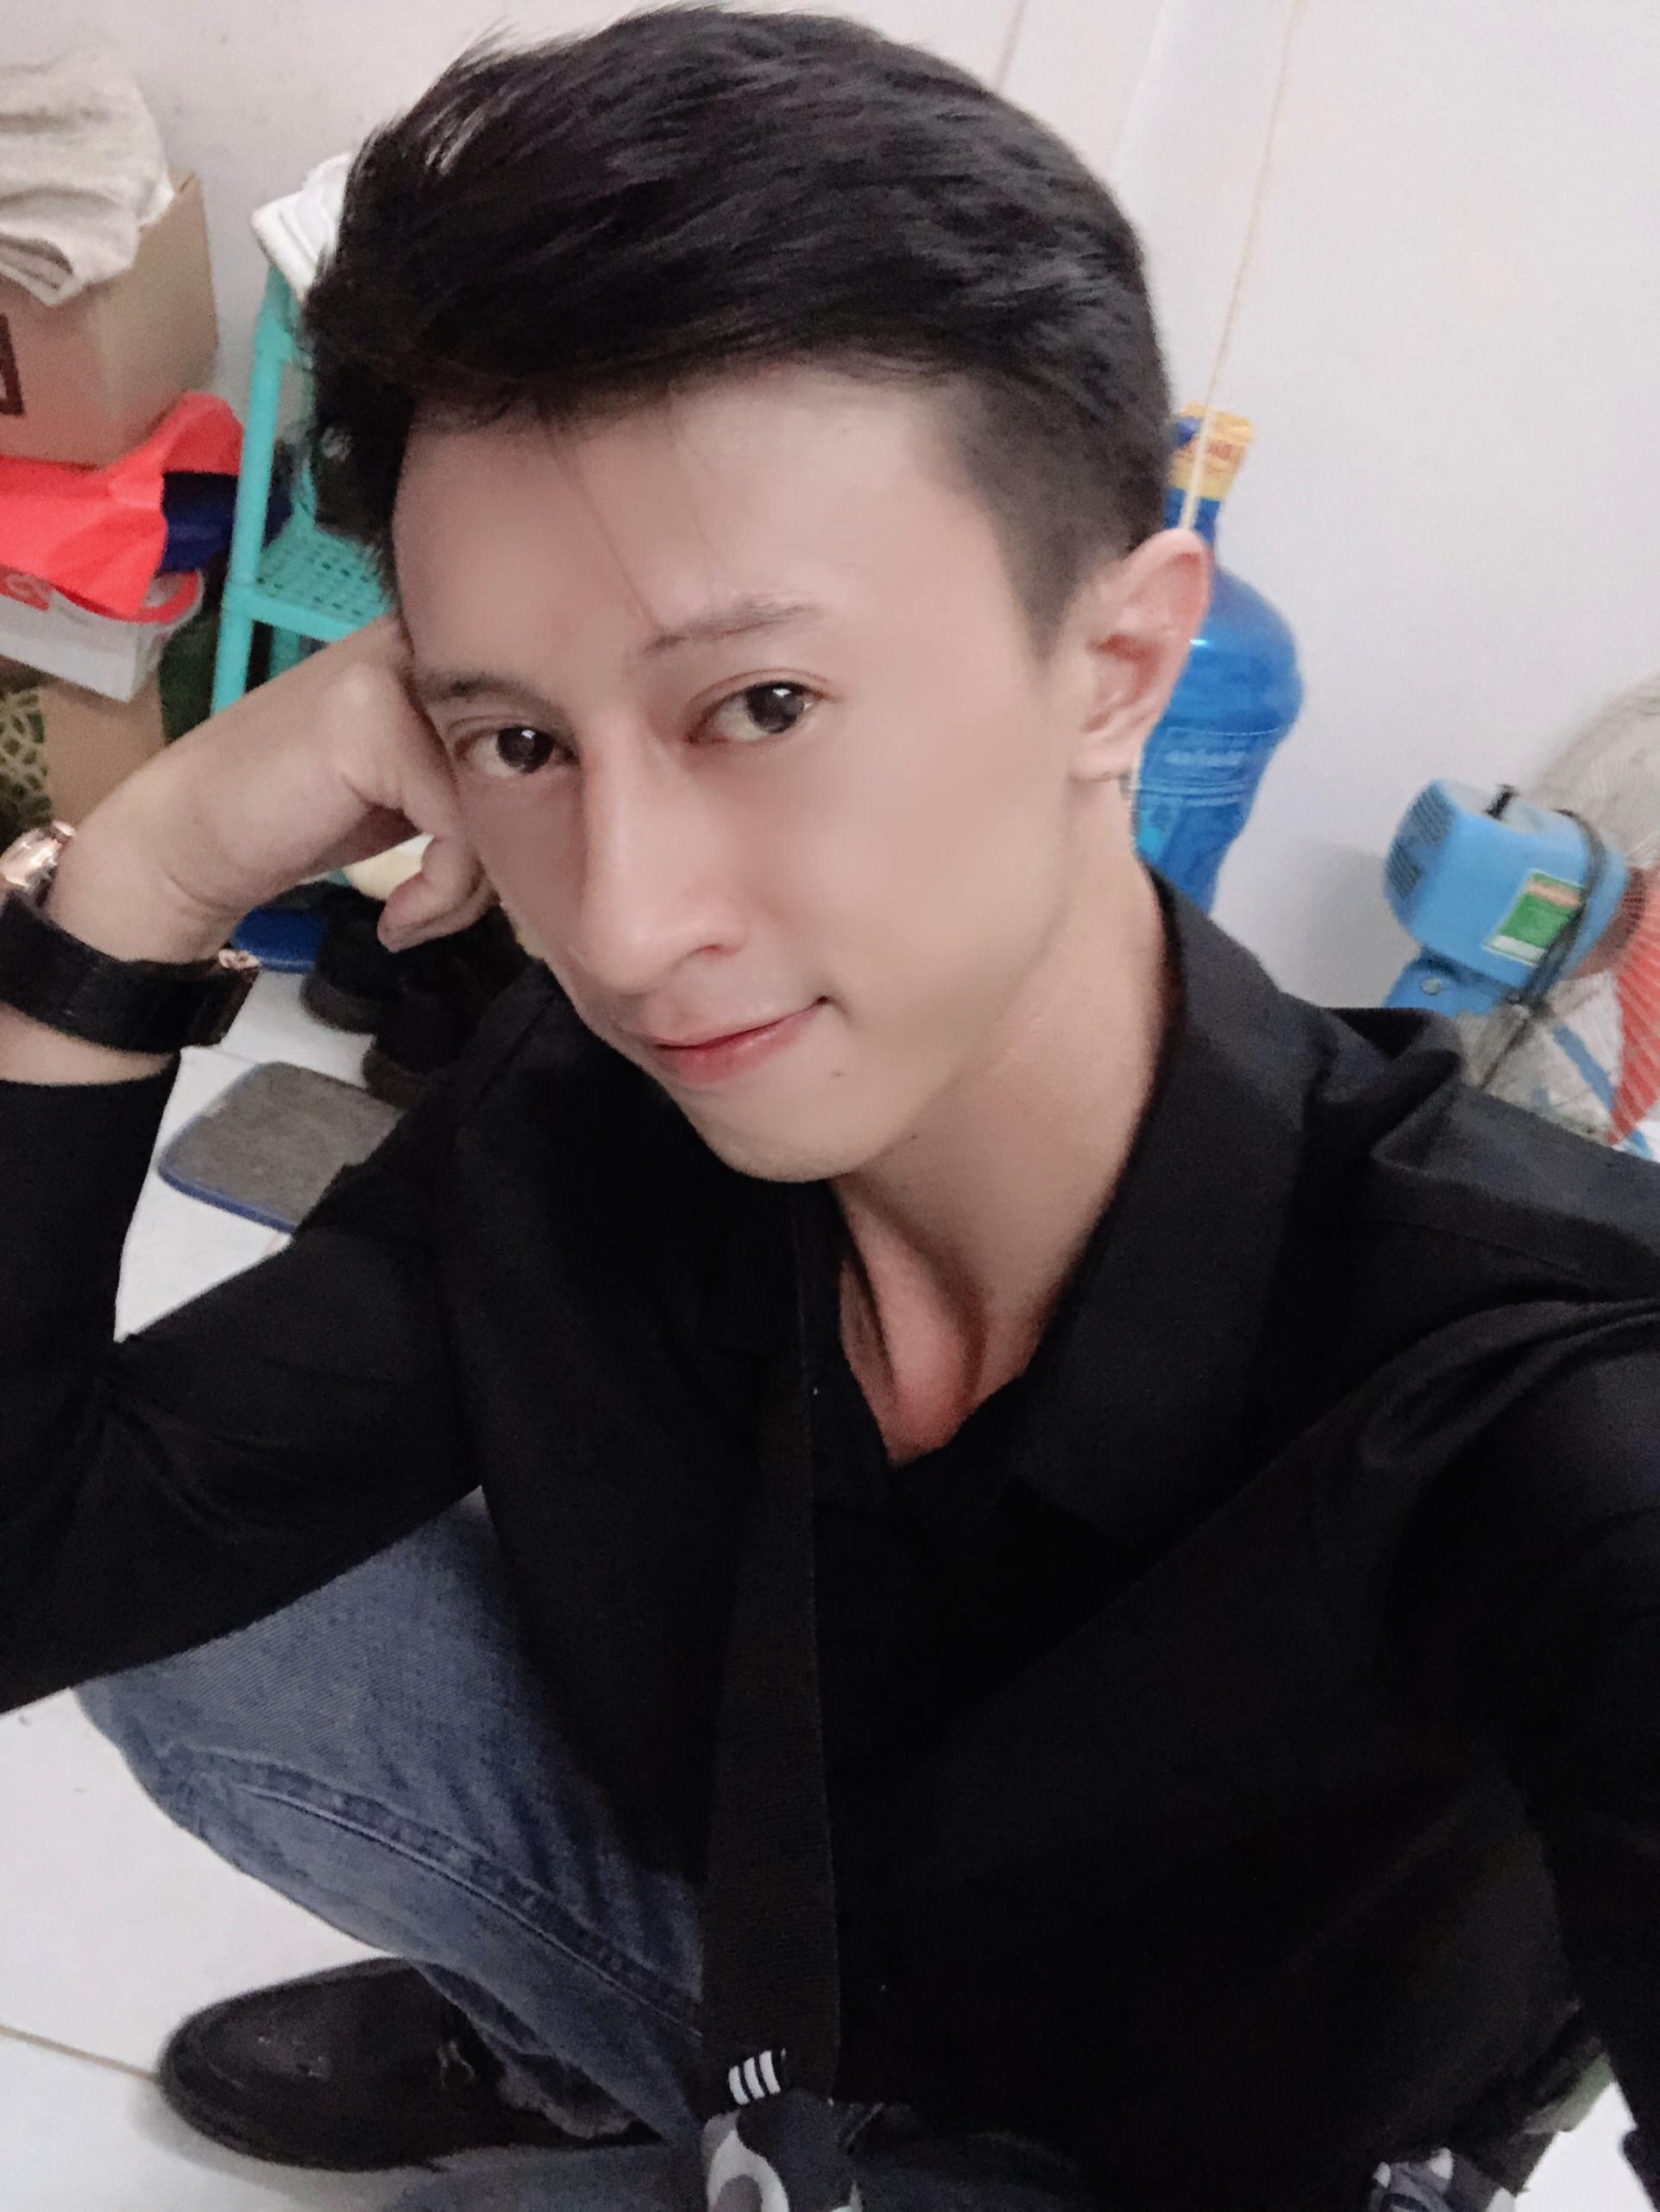 Nguyễn Công Anh Triết